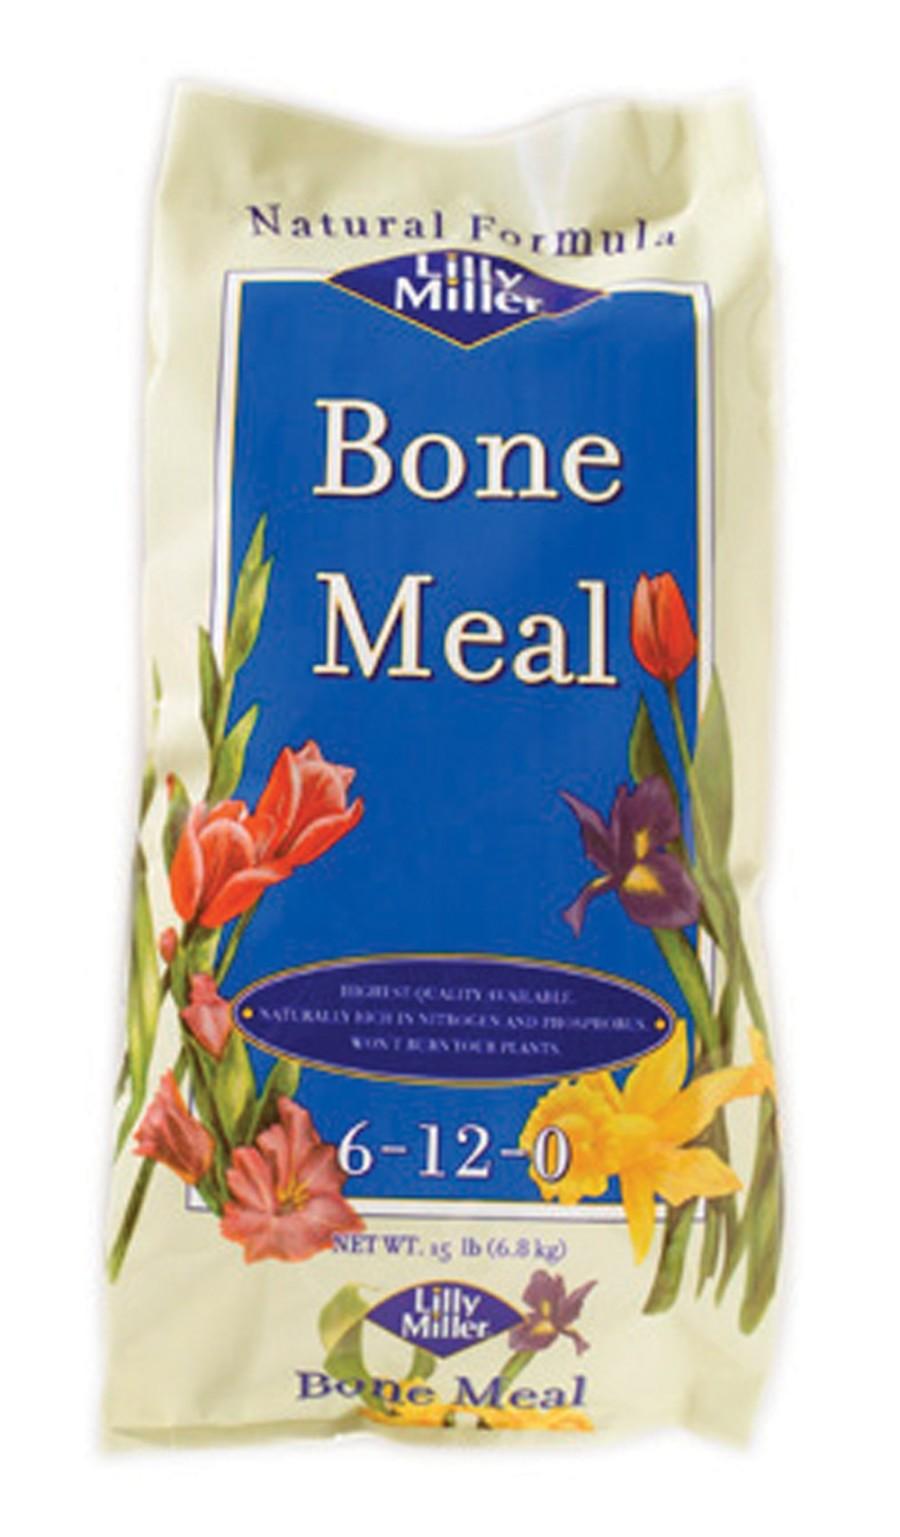 Lilly Miller Bone Meal Bag Organic 6-12-0 Pallet 1ea/15 lb